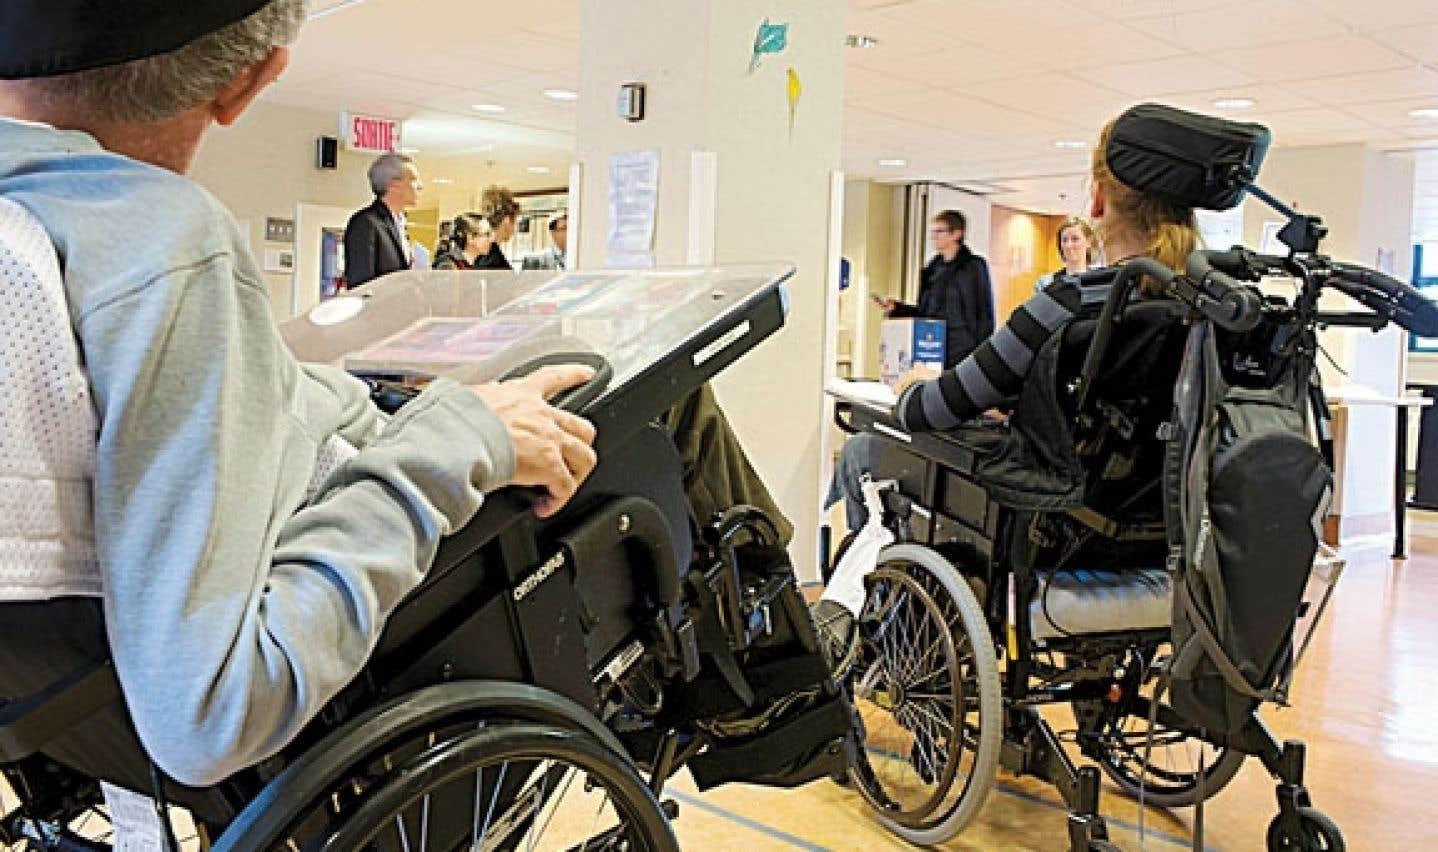 «En réduisant l'accès aux CHSLD, on a permis aux résidences privées de donner davantage de soins de santé. Mais on a dû se rendre compte que ça ne fonctionnait pas, parce que la prestation de soins était inégale d'une résidence à l'autre», croit Daniel Boyer, secrétaire général de la FTQ.